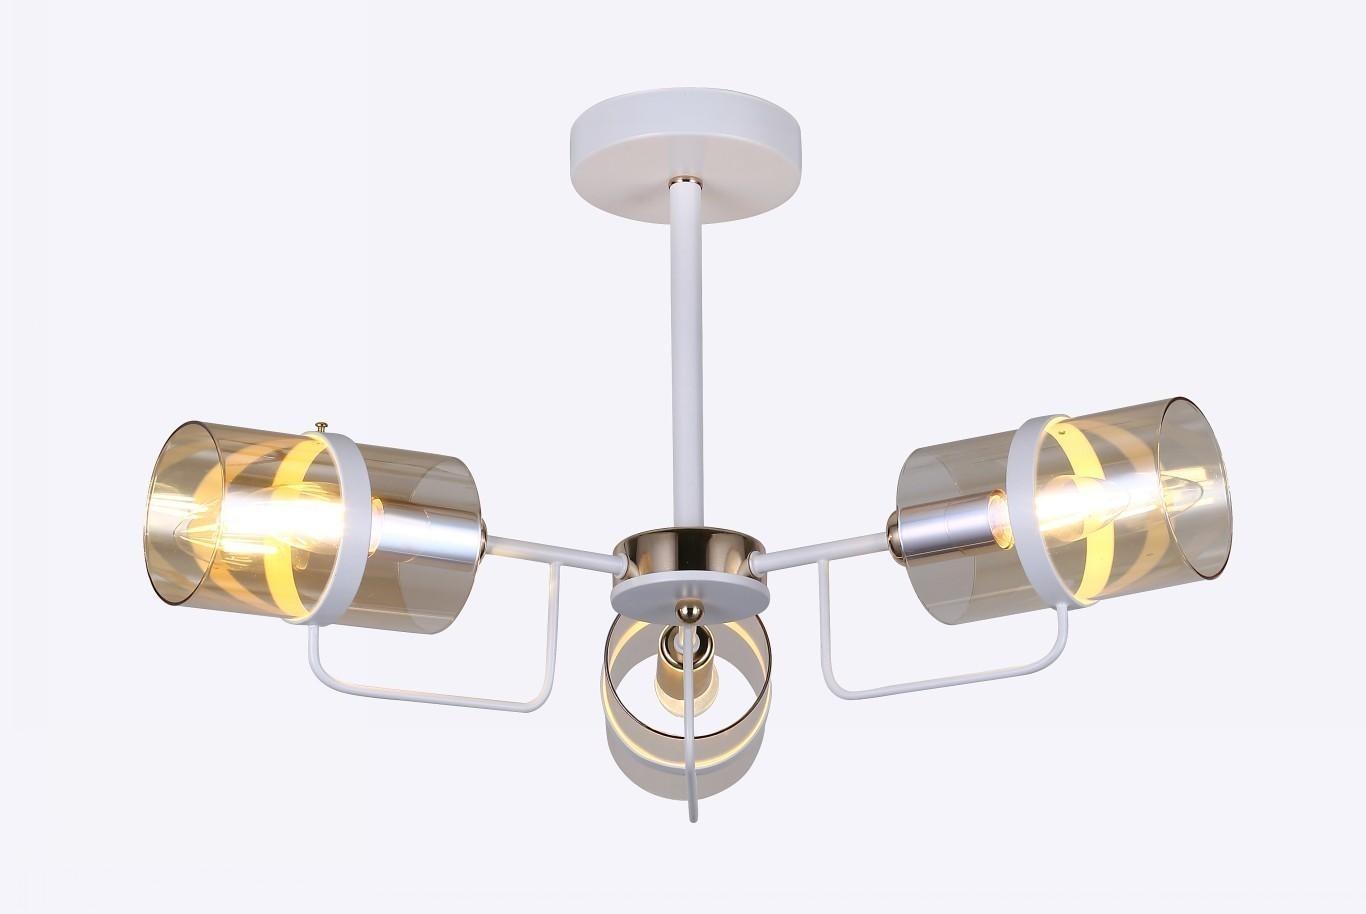 Pendente Metal e Vidro Branco 3 Lâmpadas - Sindora